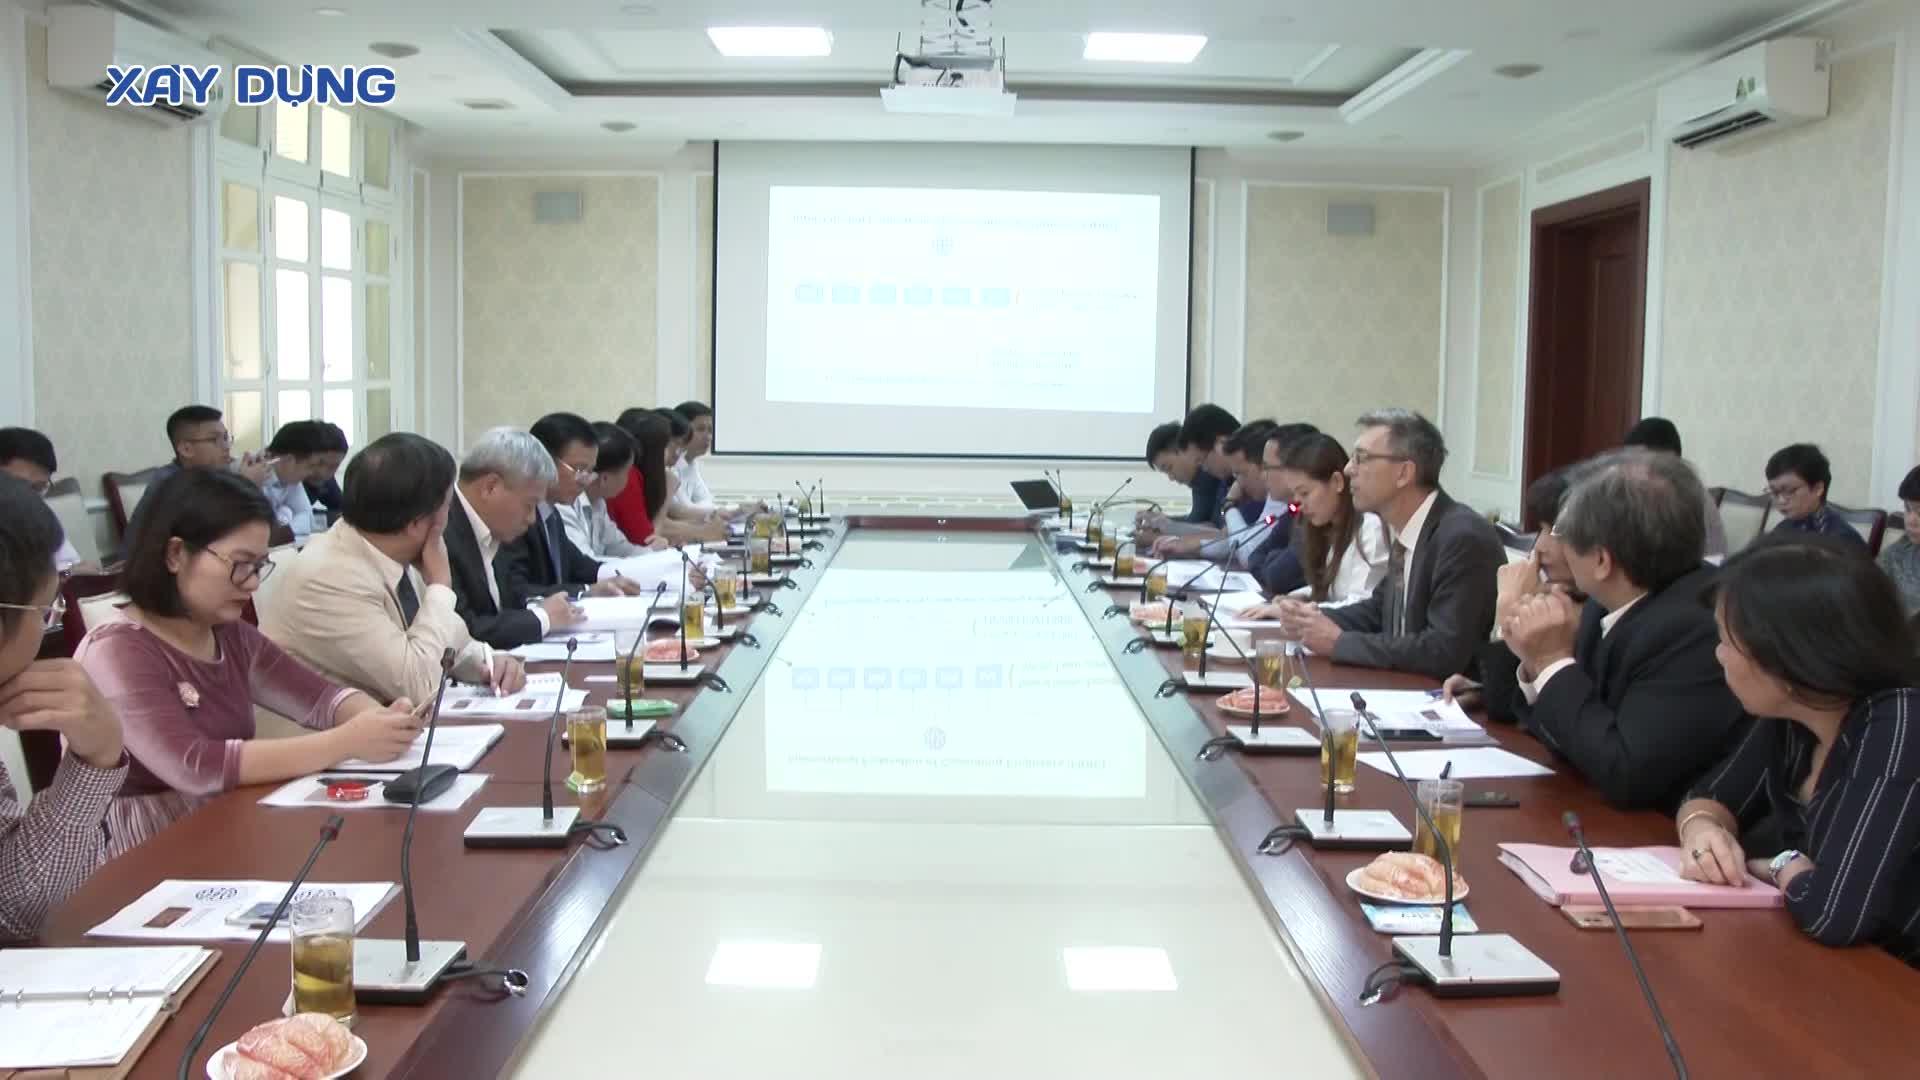 Thứ trưởng Bùi Phạm Khánh họp bàn với Hiệp hội quốc tế các kỹ sư tư vấn